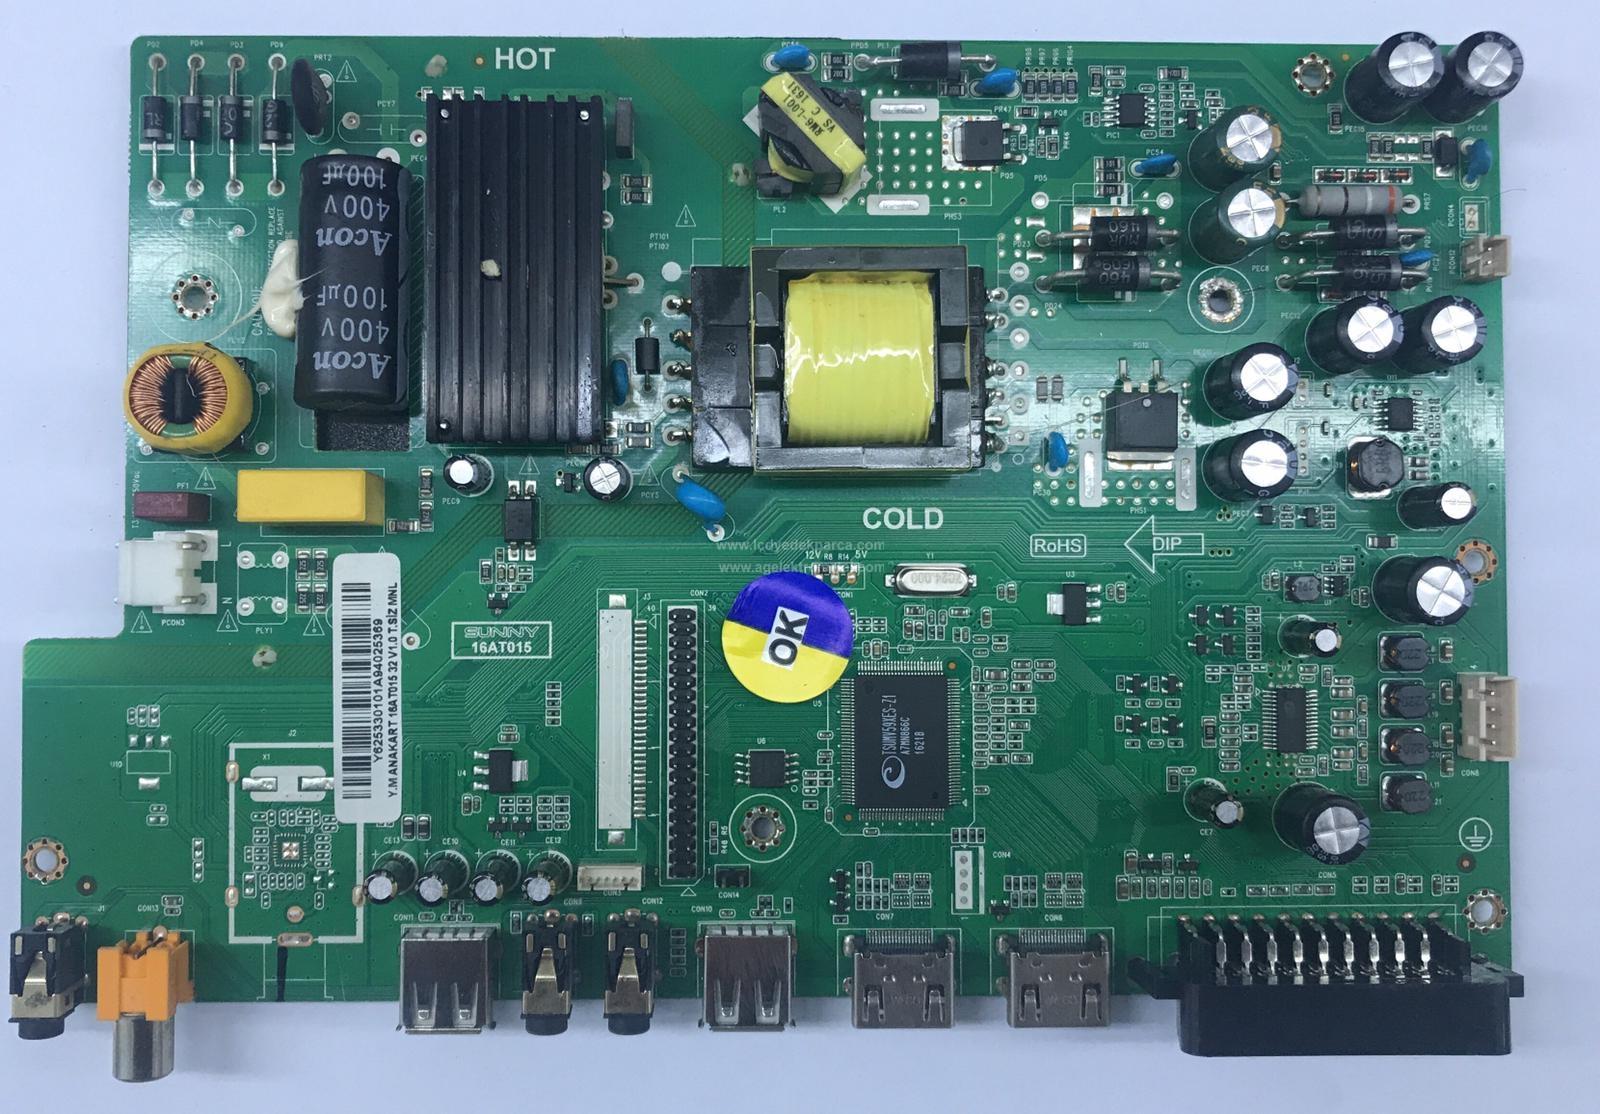 16AT015 , V1.0 T.SİZ MNL , SUNNY , LC320DXN , AX032DLD16AT015 , Main Board , Ana Kart